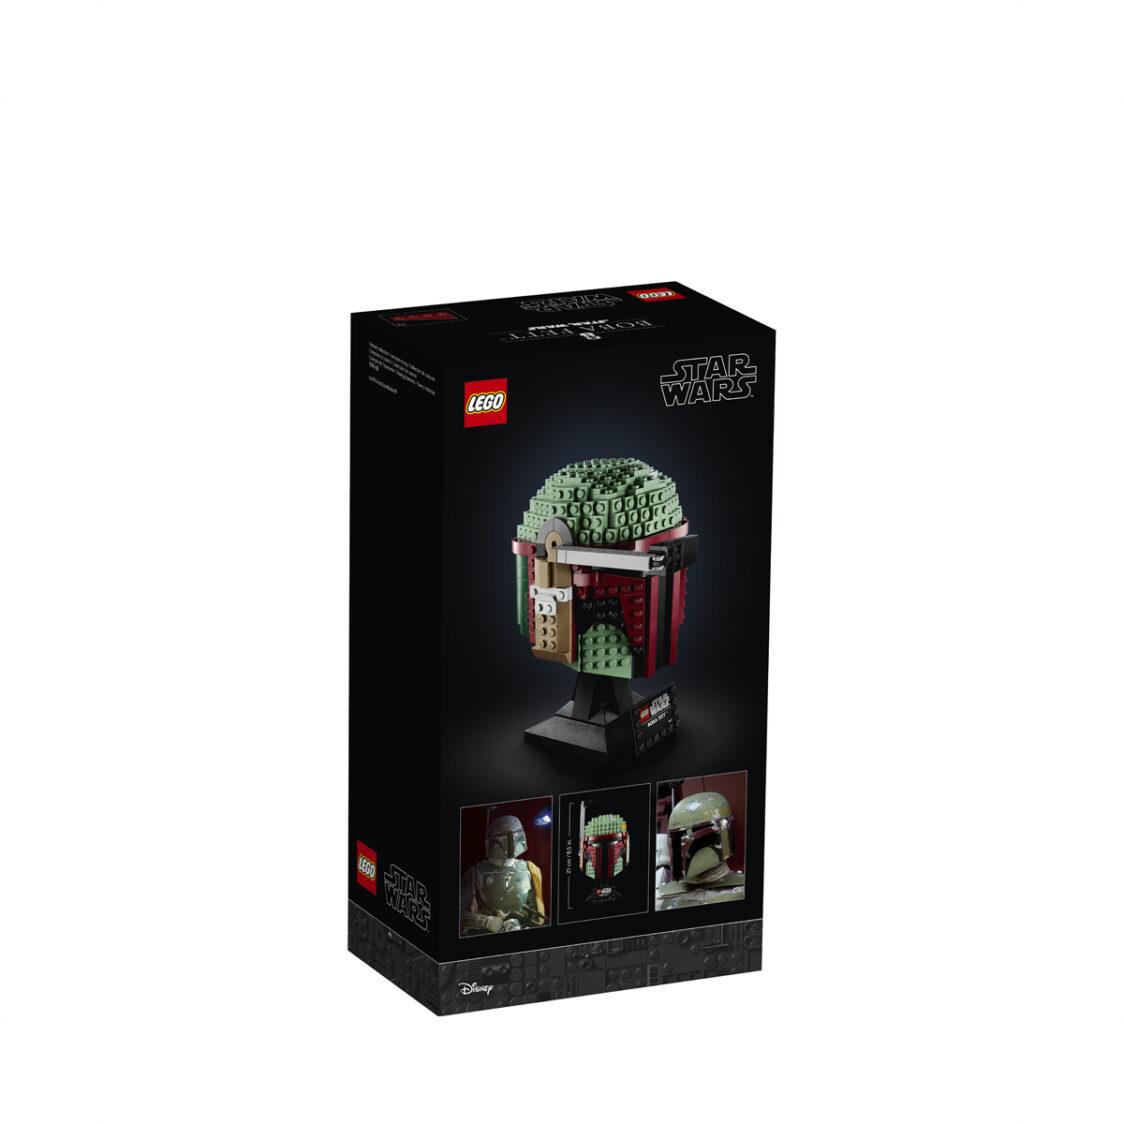 LEGO Star Wars - Boba Fett Helmet 75277 V29